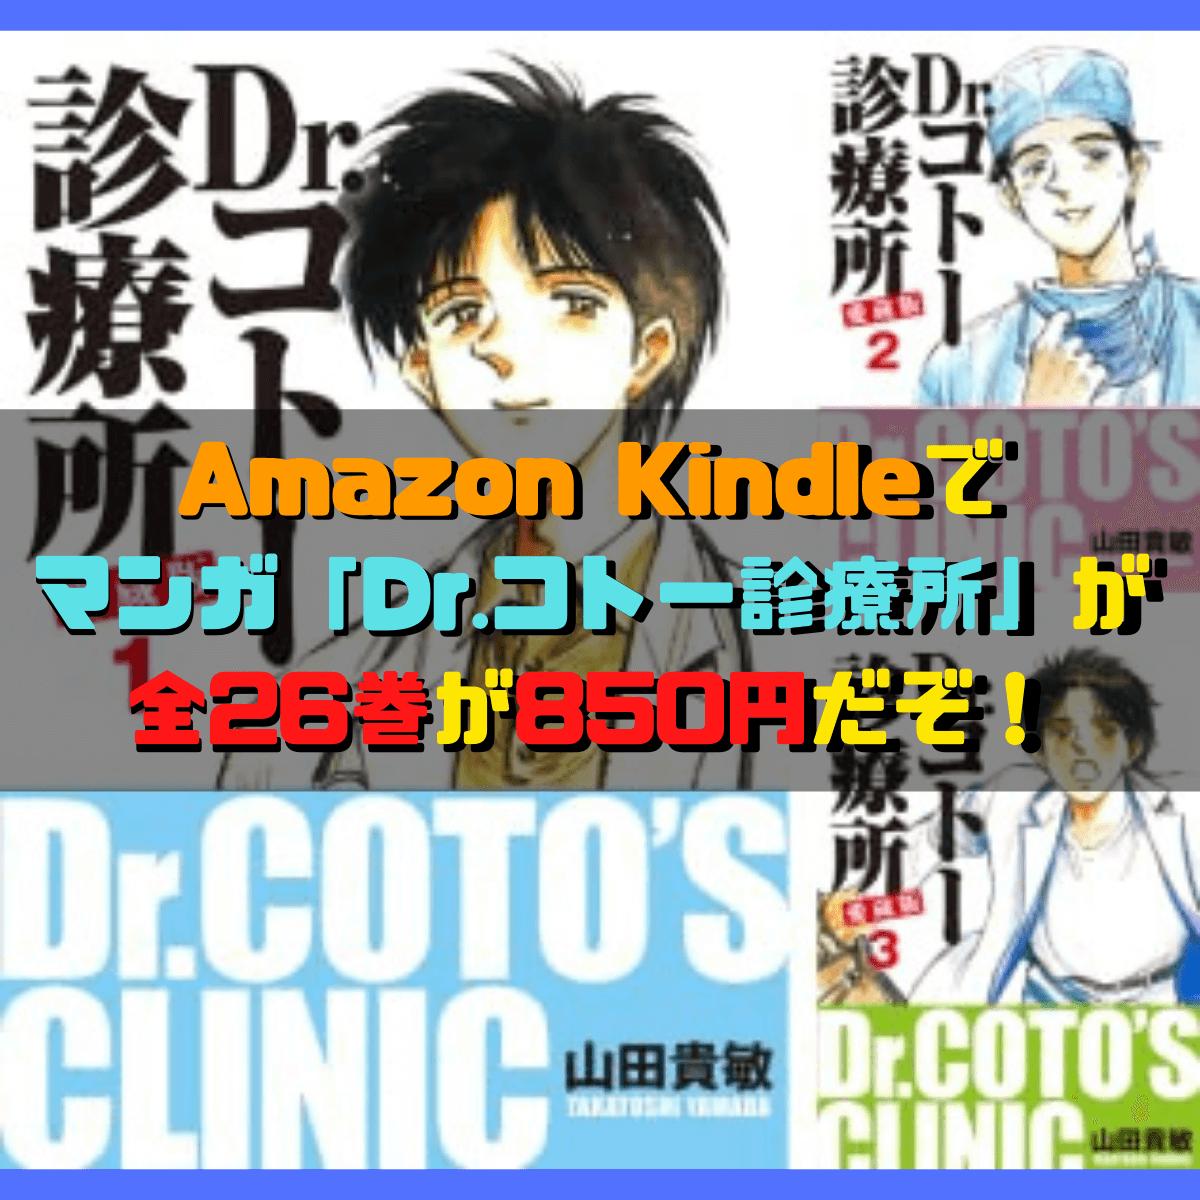 Amazon Kindleでマンガ「Dr.コトー診療所」全26巻が880円だぞ!